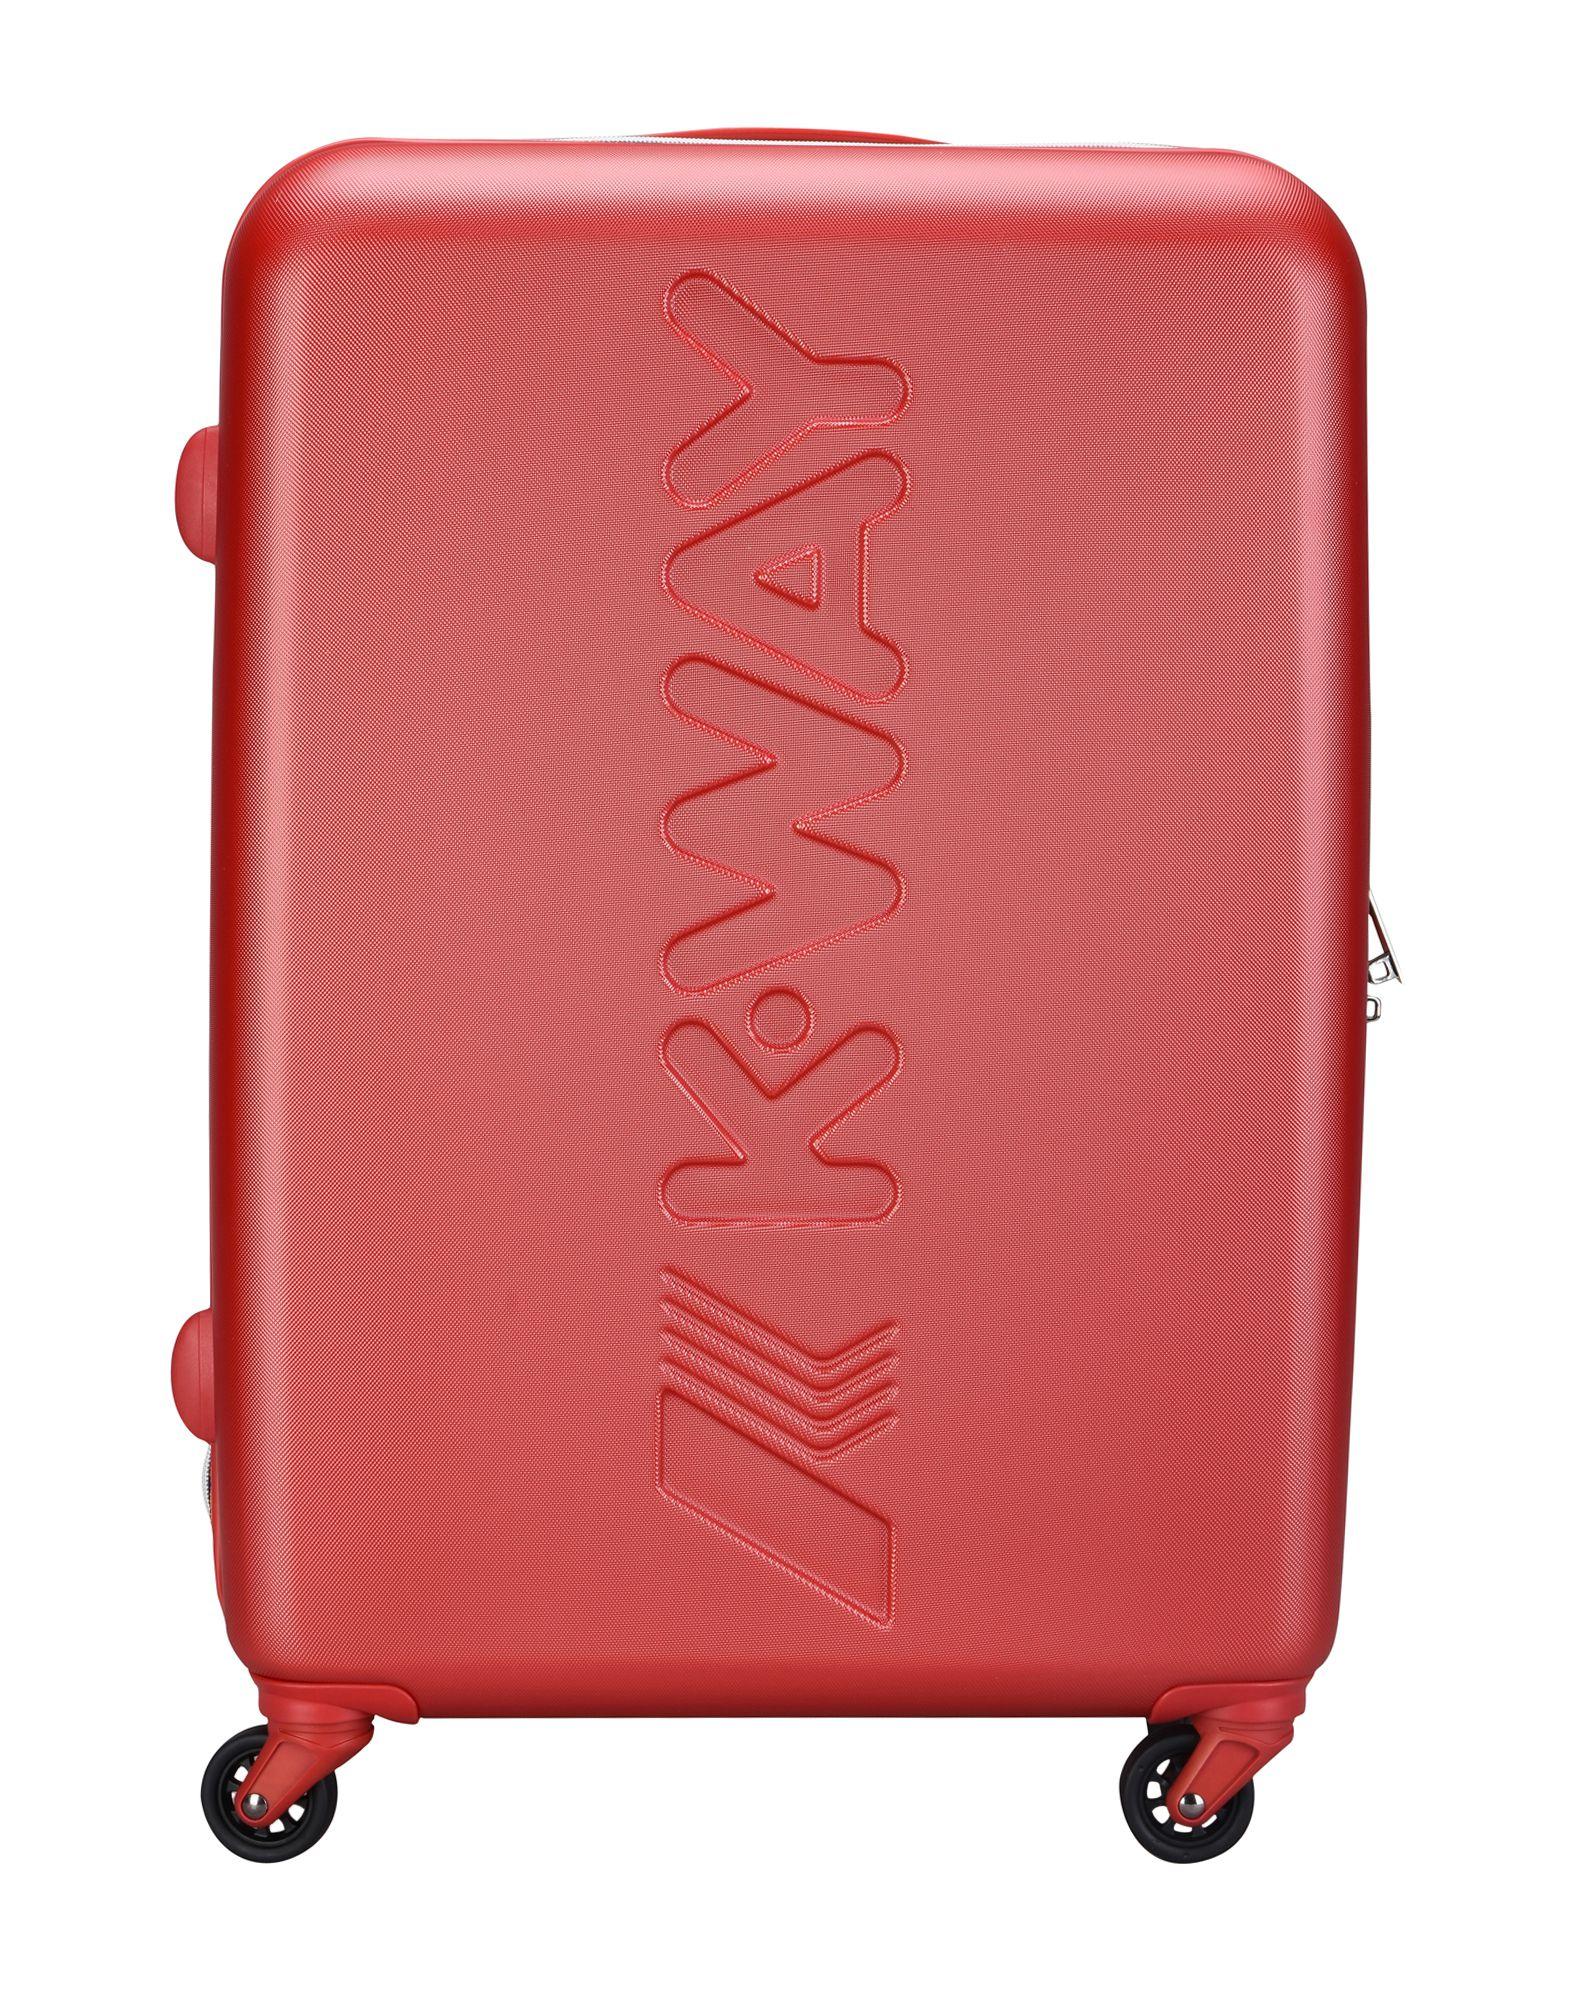 ユニセックス K-WAY キャスター付きバッグ レッド